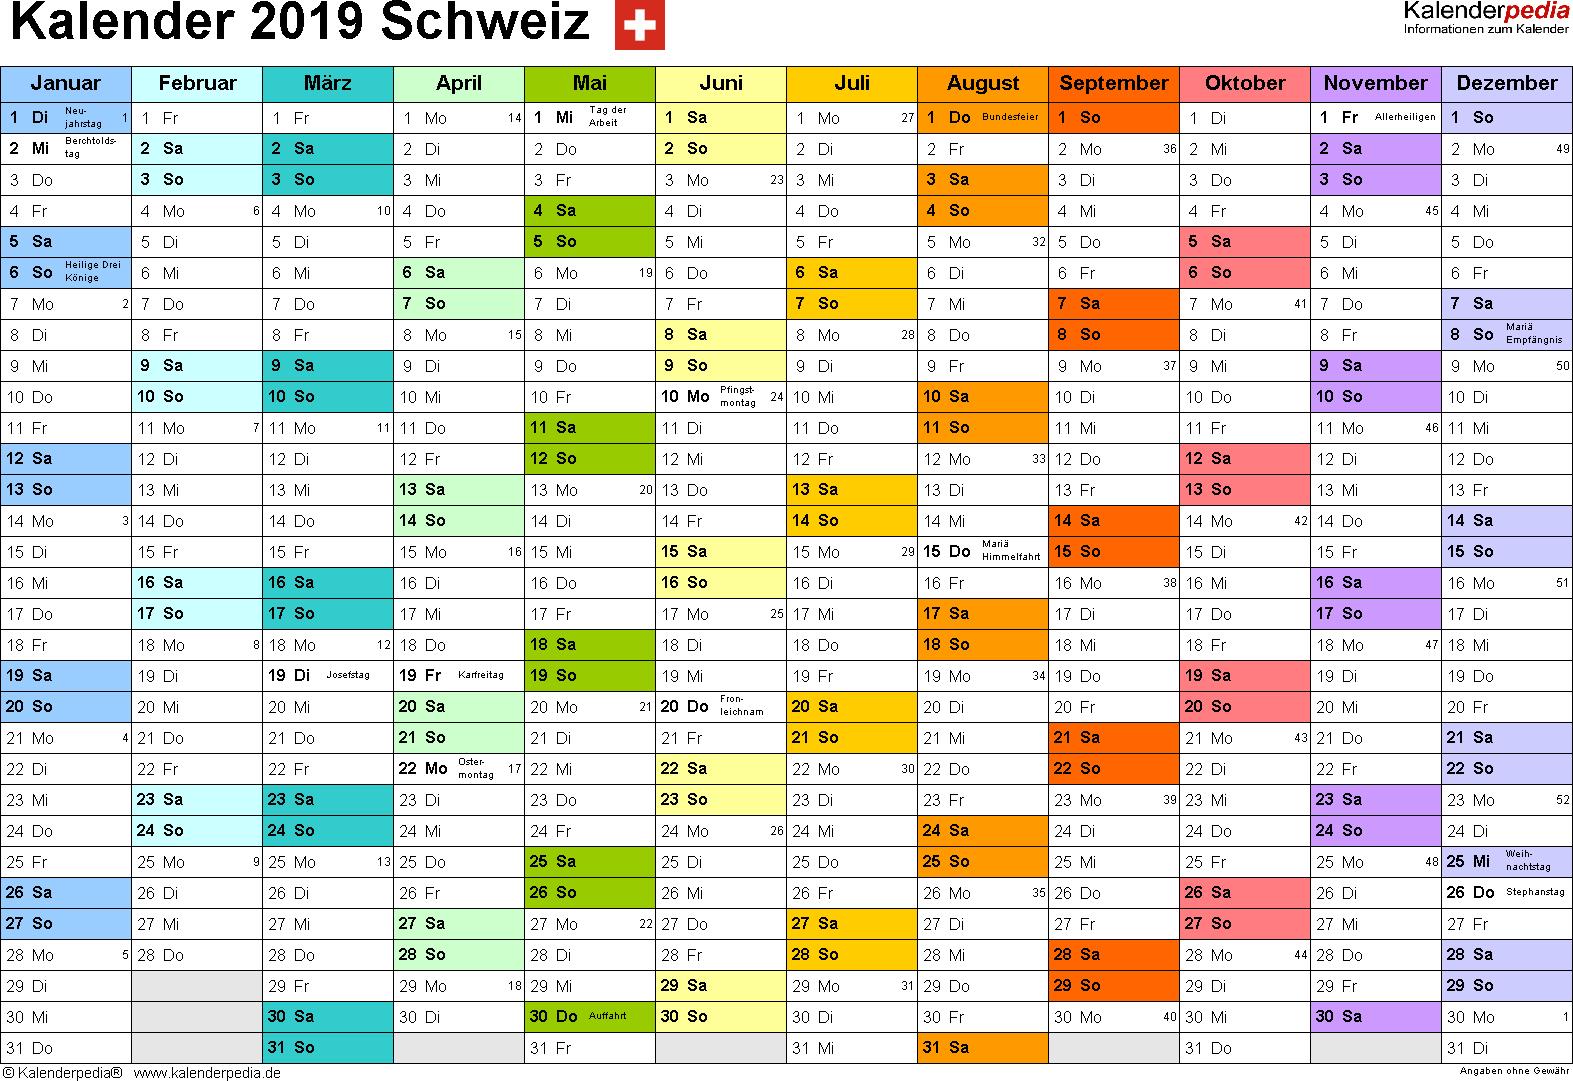 Vorlage 1: Kalender 2019 für die Schweiz  im Microsoft Excel-Format, Querformat, 1 Seite, Monate nebeneinander, jeder Monate in anderer Farbe